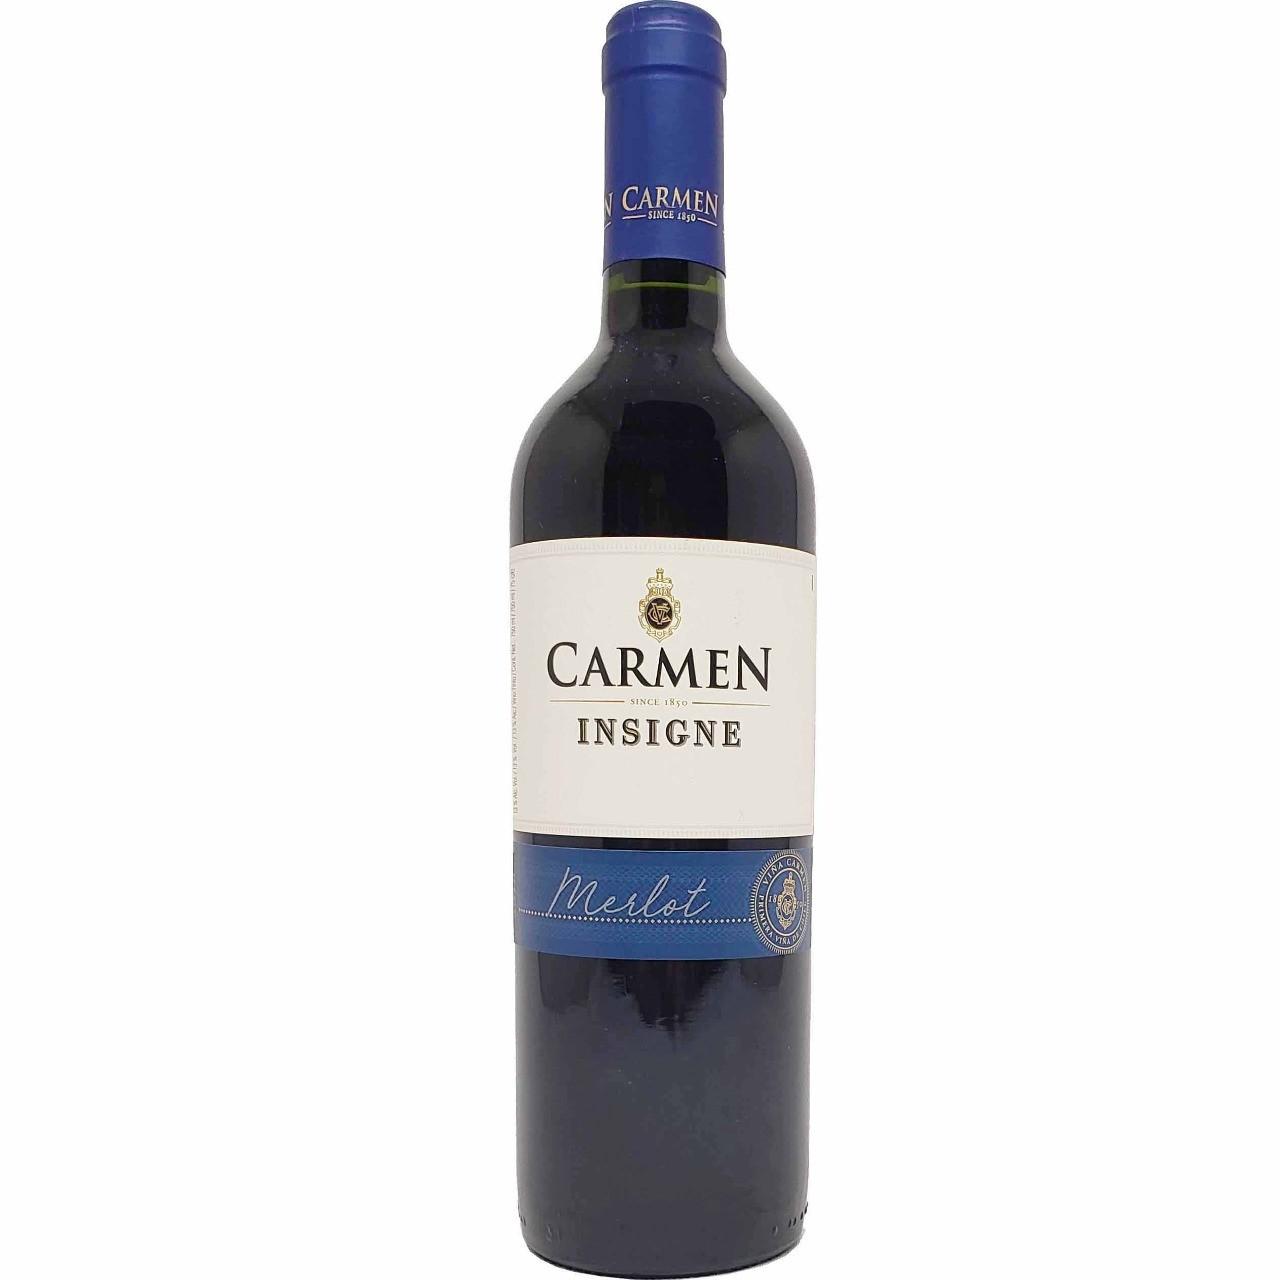 Vinho Tinto Carmen Insigne Merlot - 750ml -